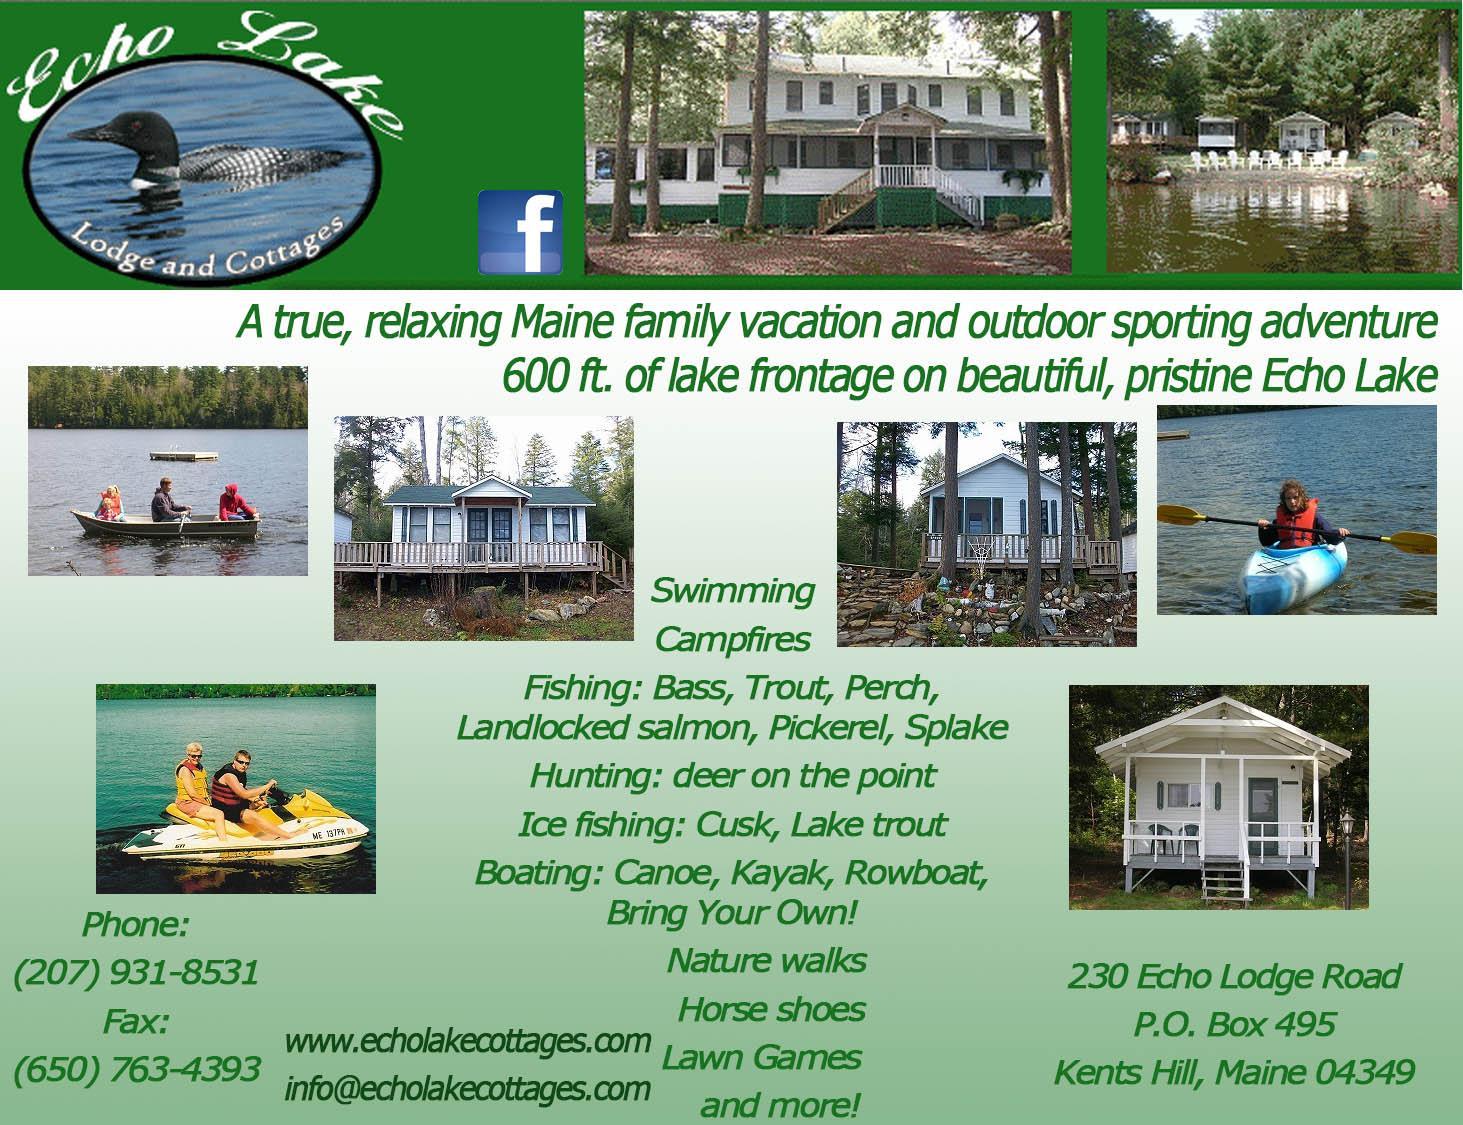 Echo Lake Cottages